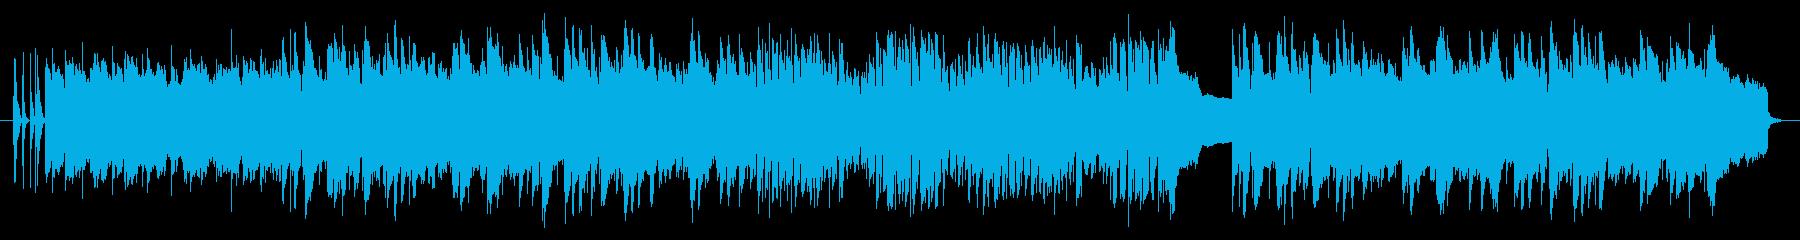 南国をイメージしたウクレレのオリジナル曲の再生済みの波形